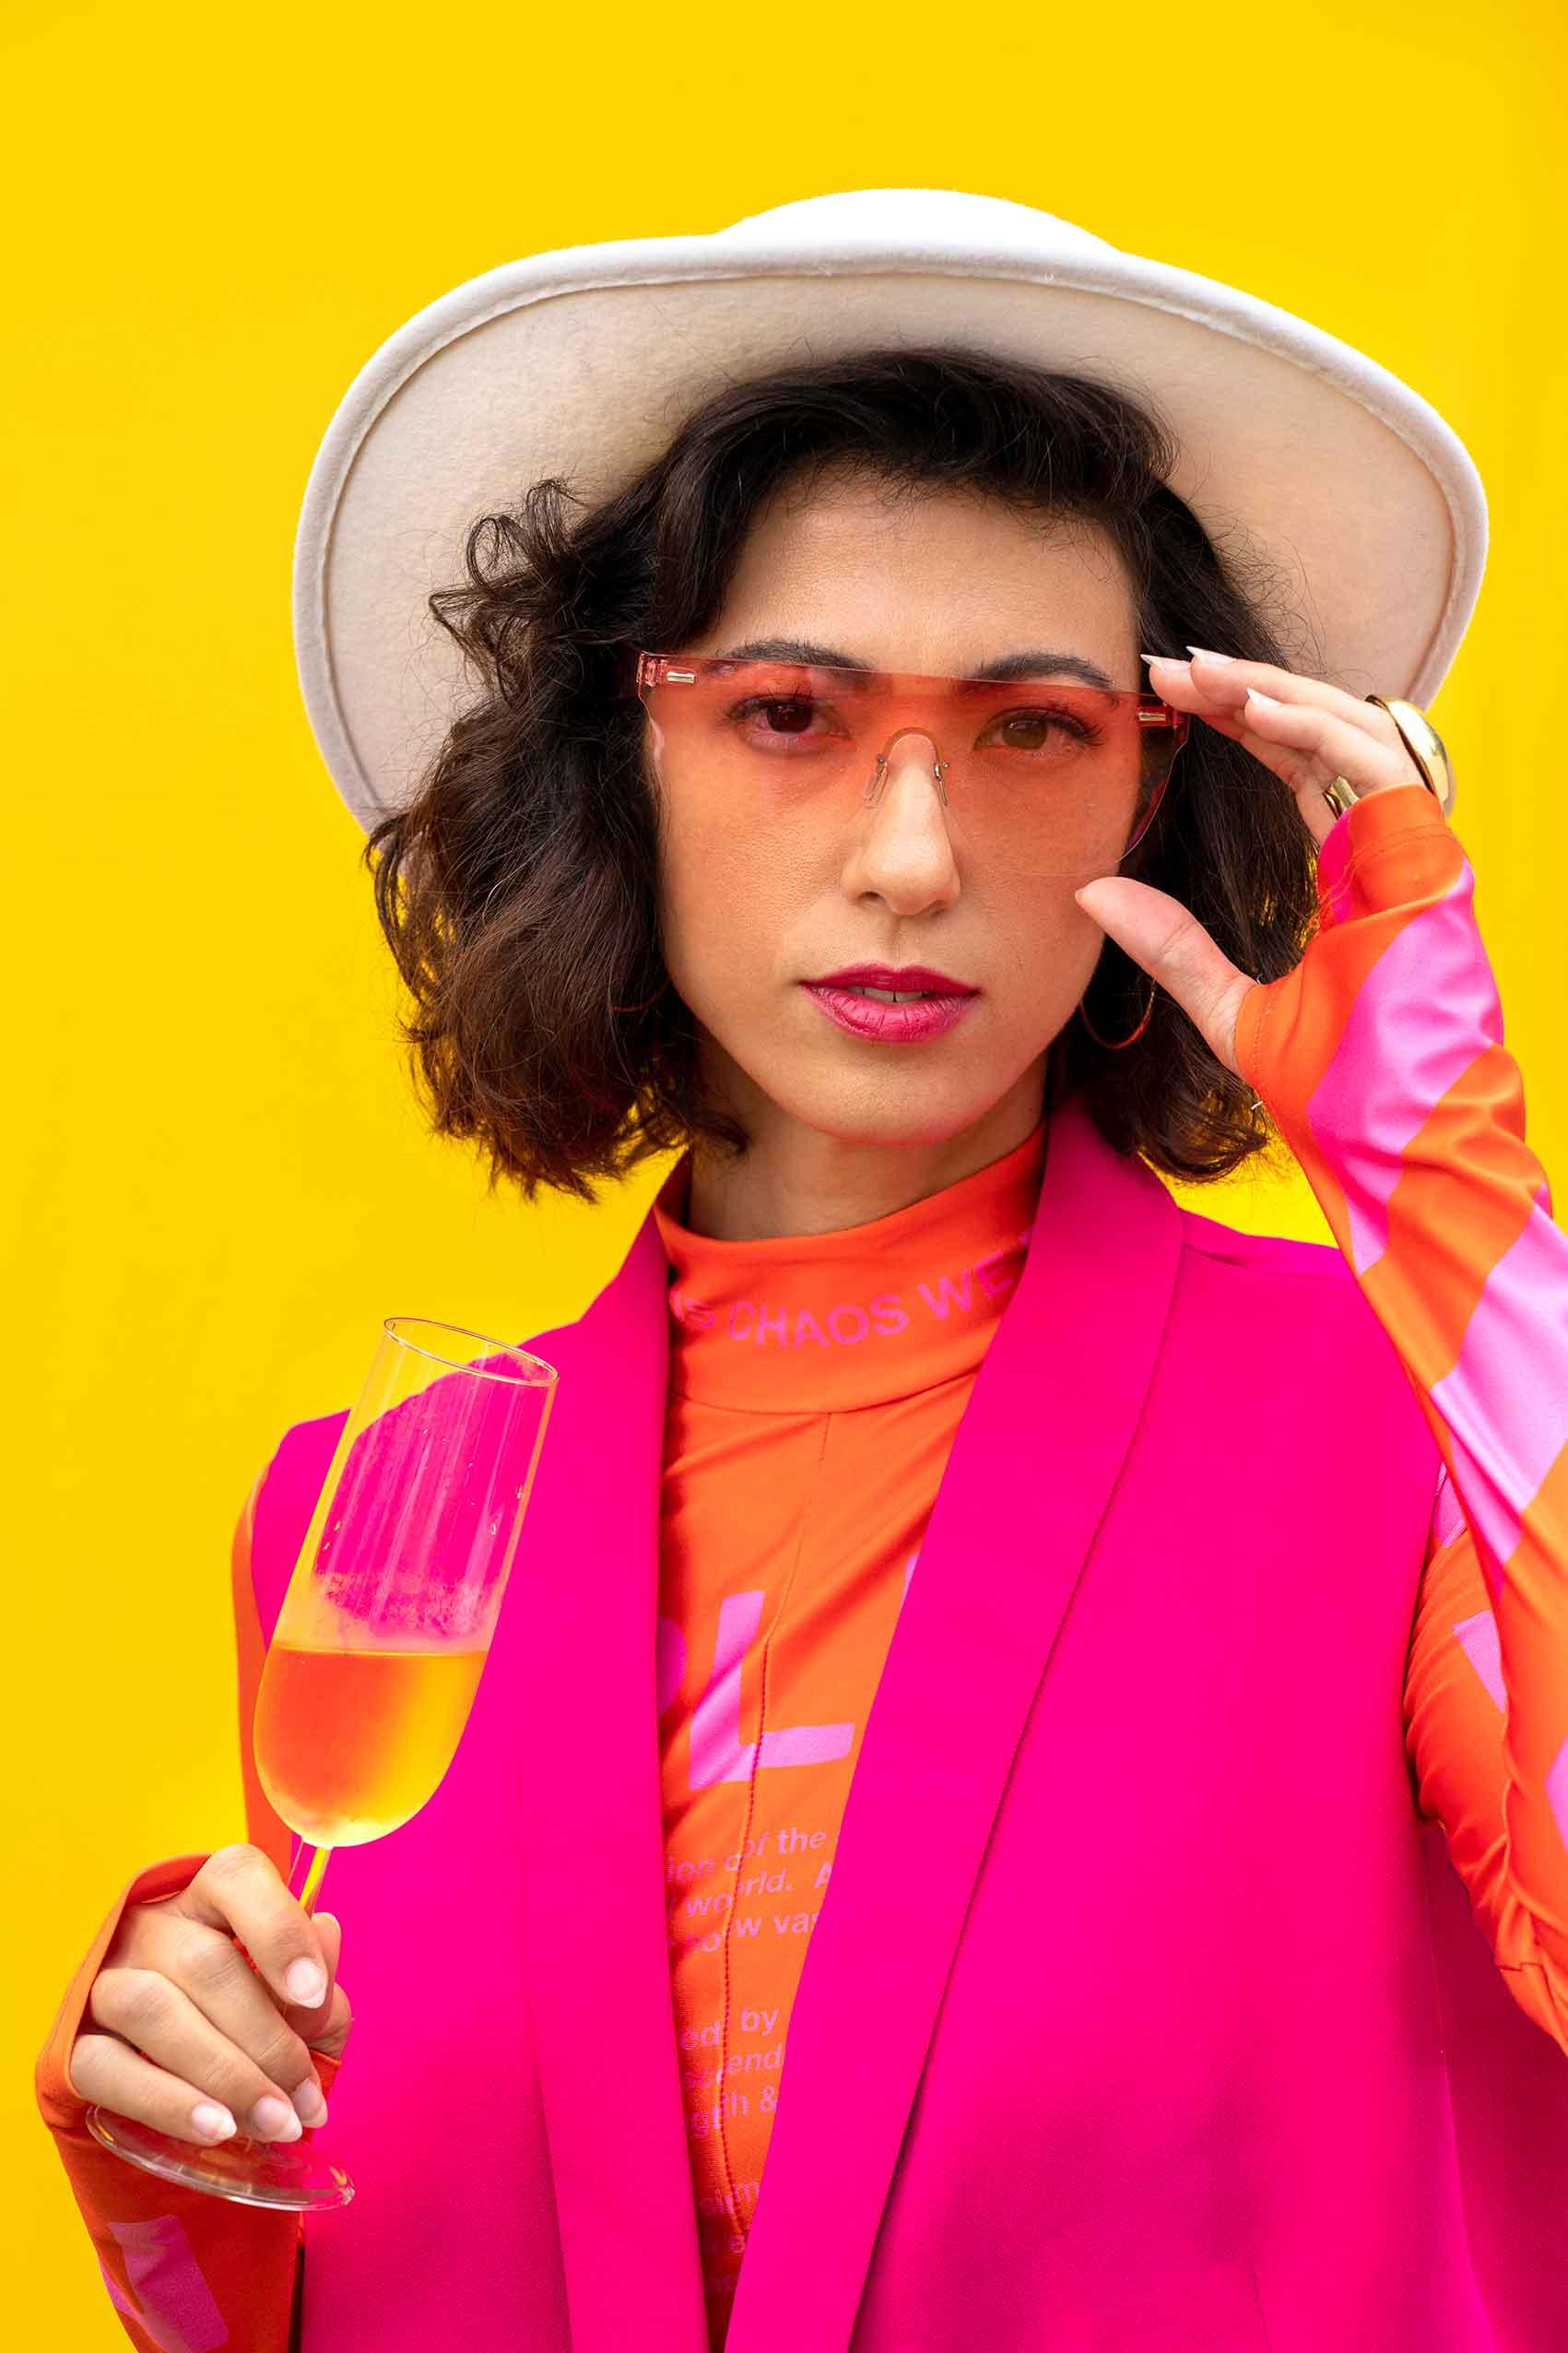 מגזין-אופנה-צילום: שלי פדן לורבר, סטיילינג: שחר בן שושן, איפור: לי בושארי, עיצוב שיער: חיה עקיבא-אופנה